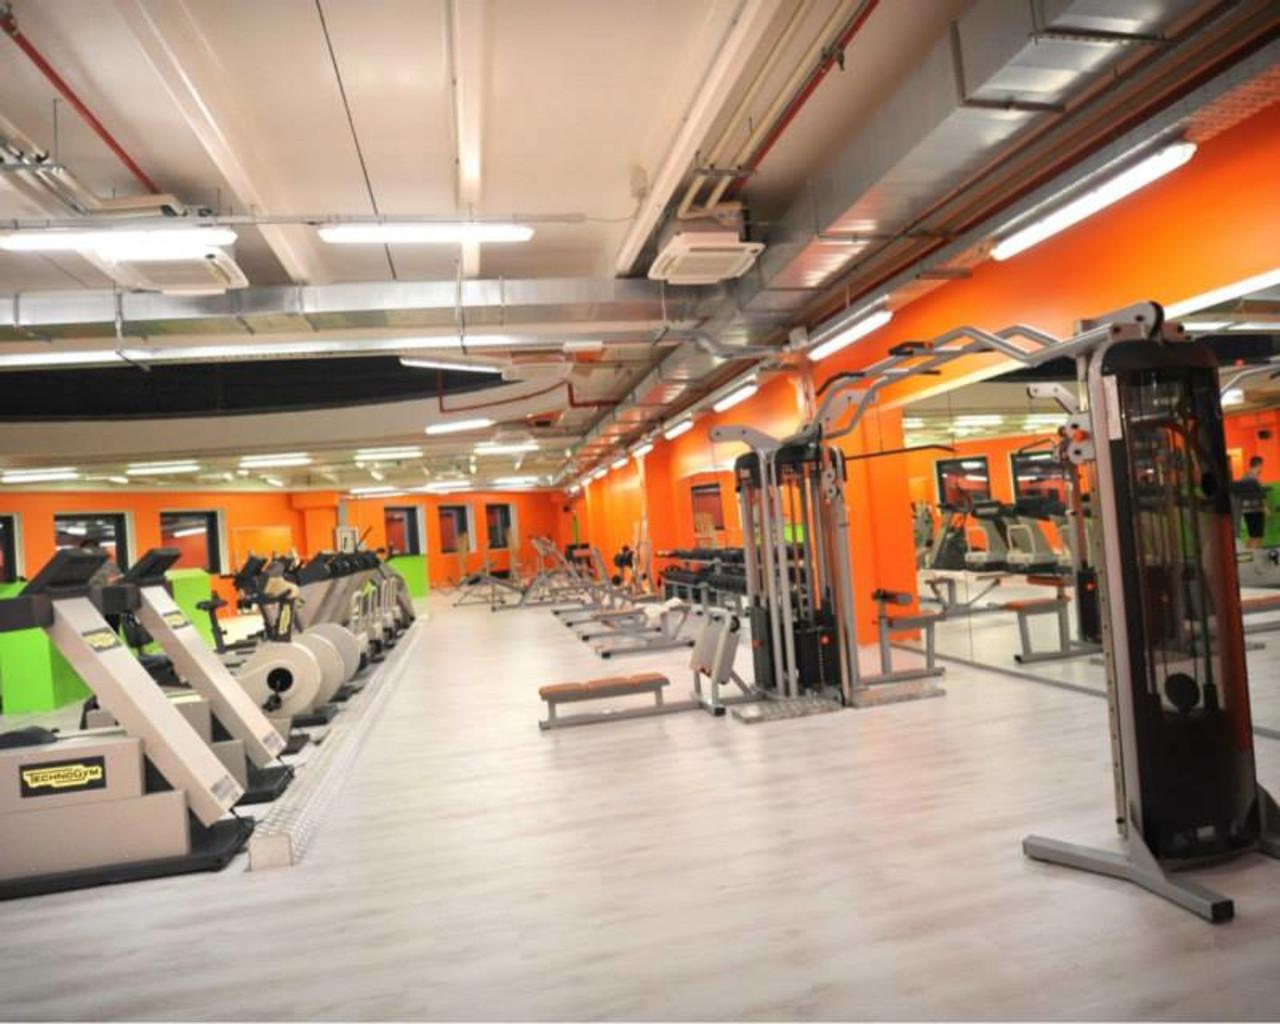 Contact Gym Mantova